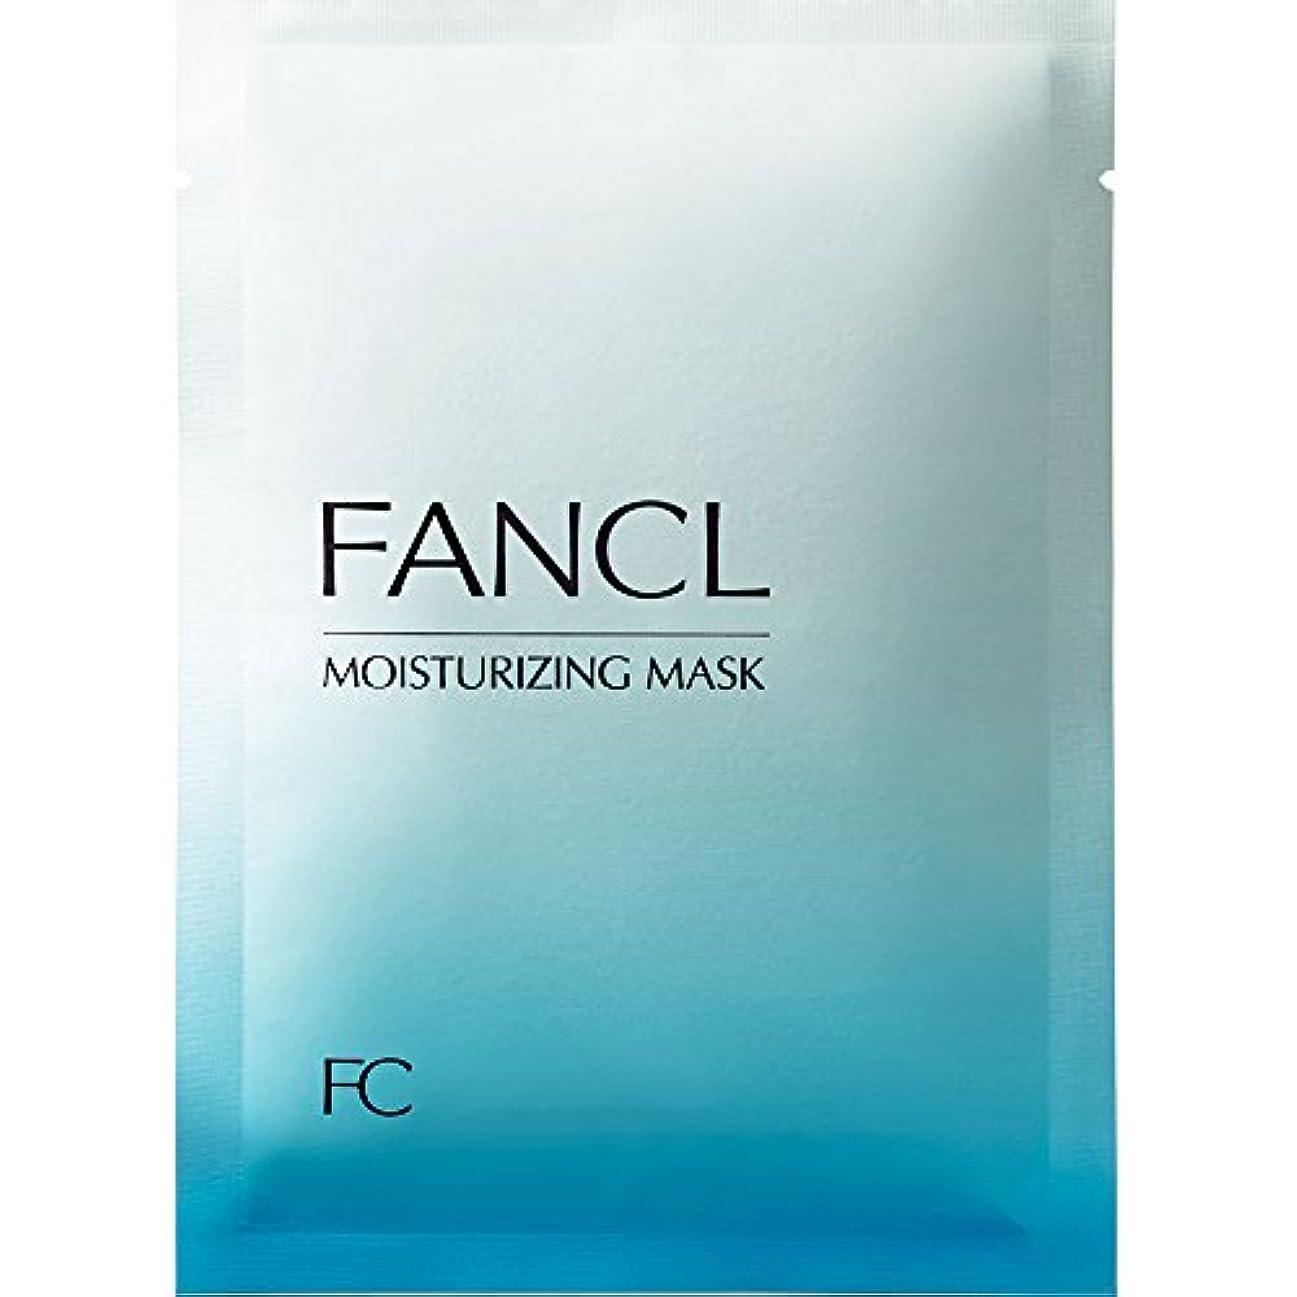 文明化する毎回口径ファンケル(FANCL) モイスチャライジング マスク 18mL×6枚